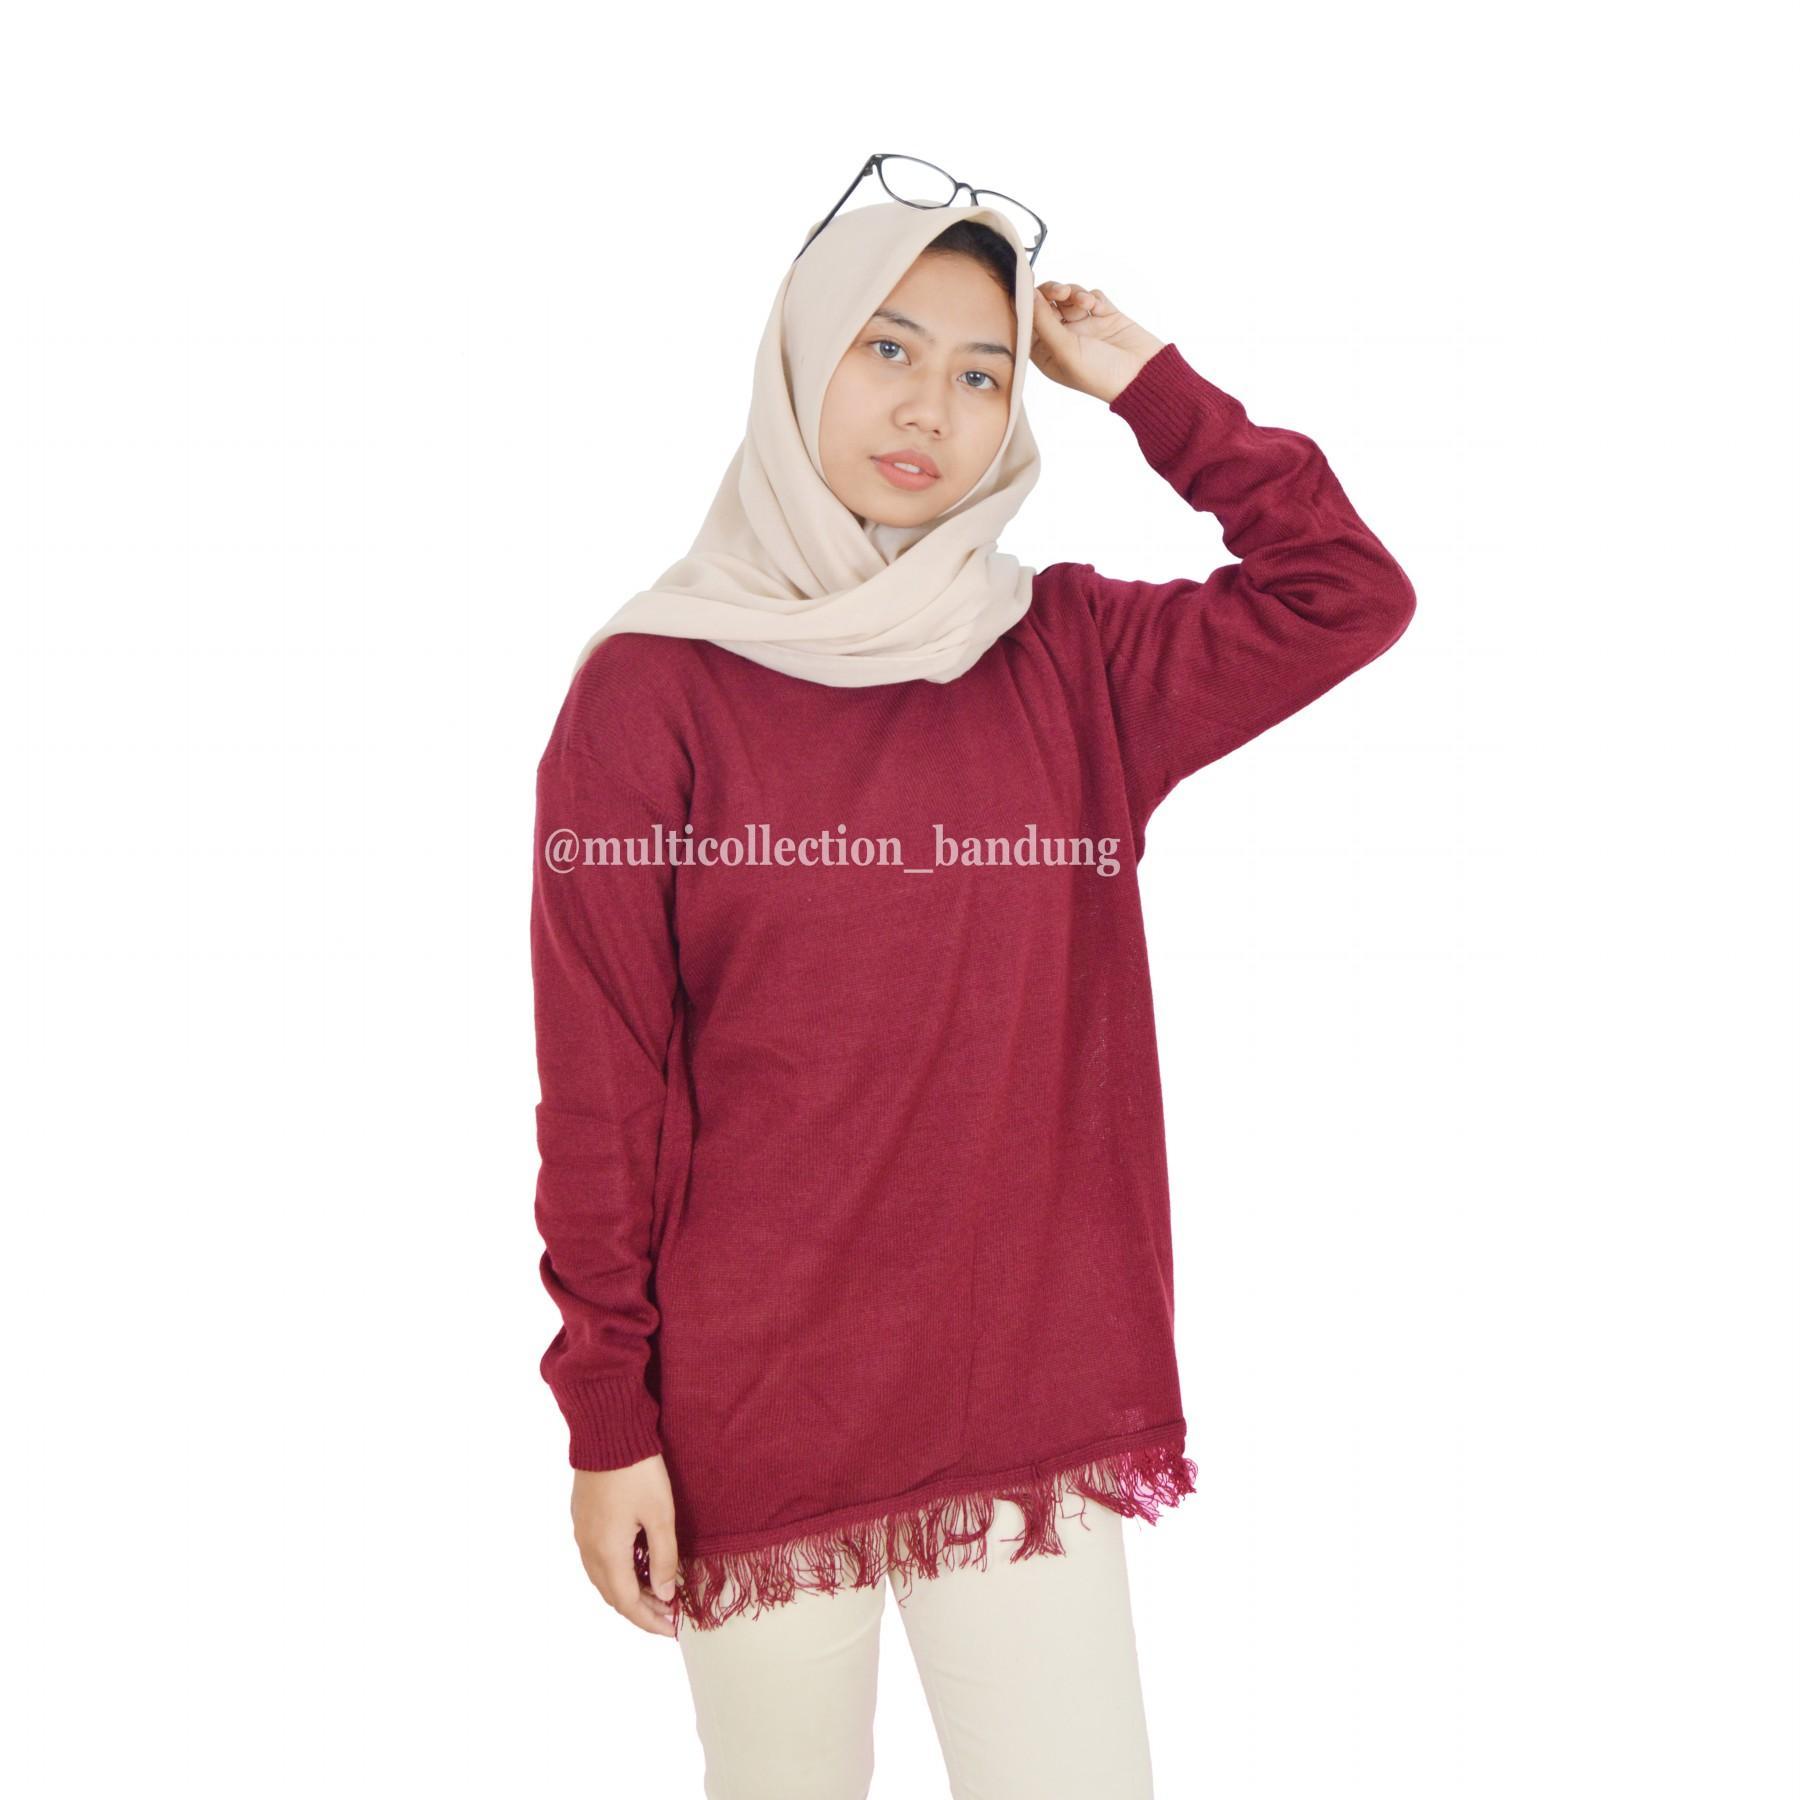 Baju Atasan Wanita - Sweater wanita - RAIDA SLIM Sweater Rajut Rajut Besar Sweater  Rajut Korea 9ae5b2a254